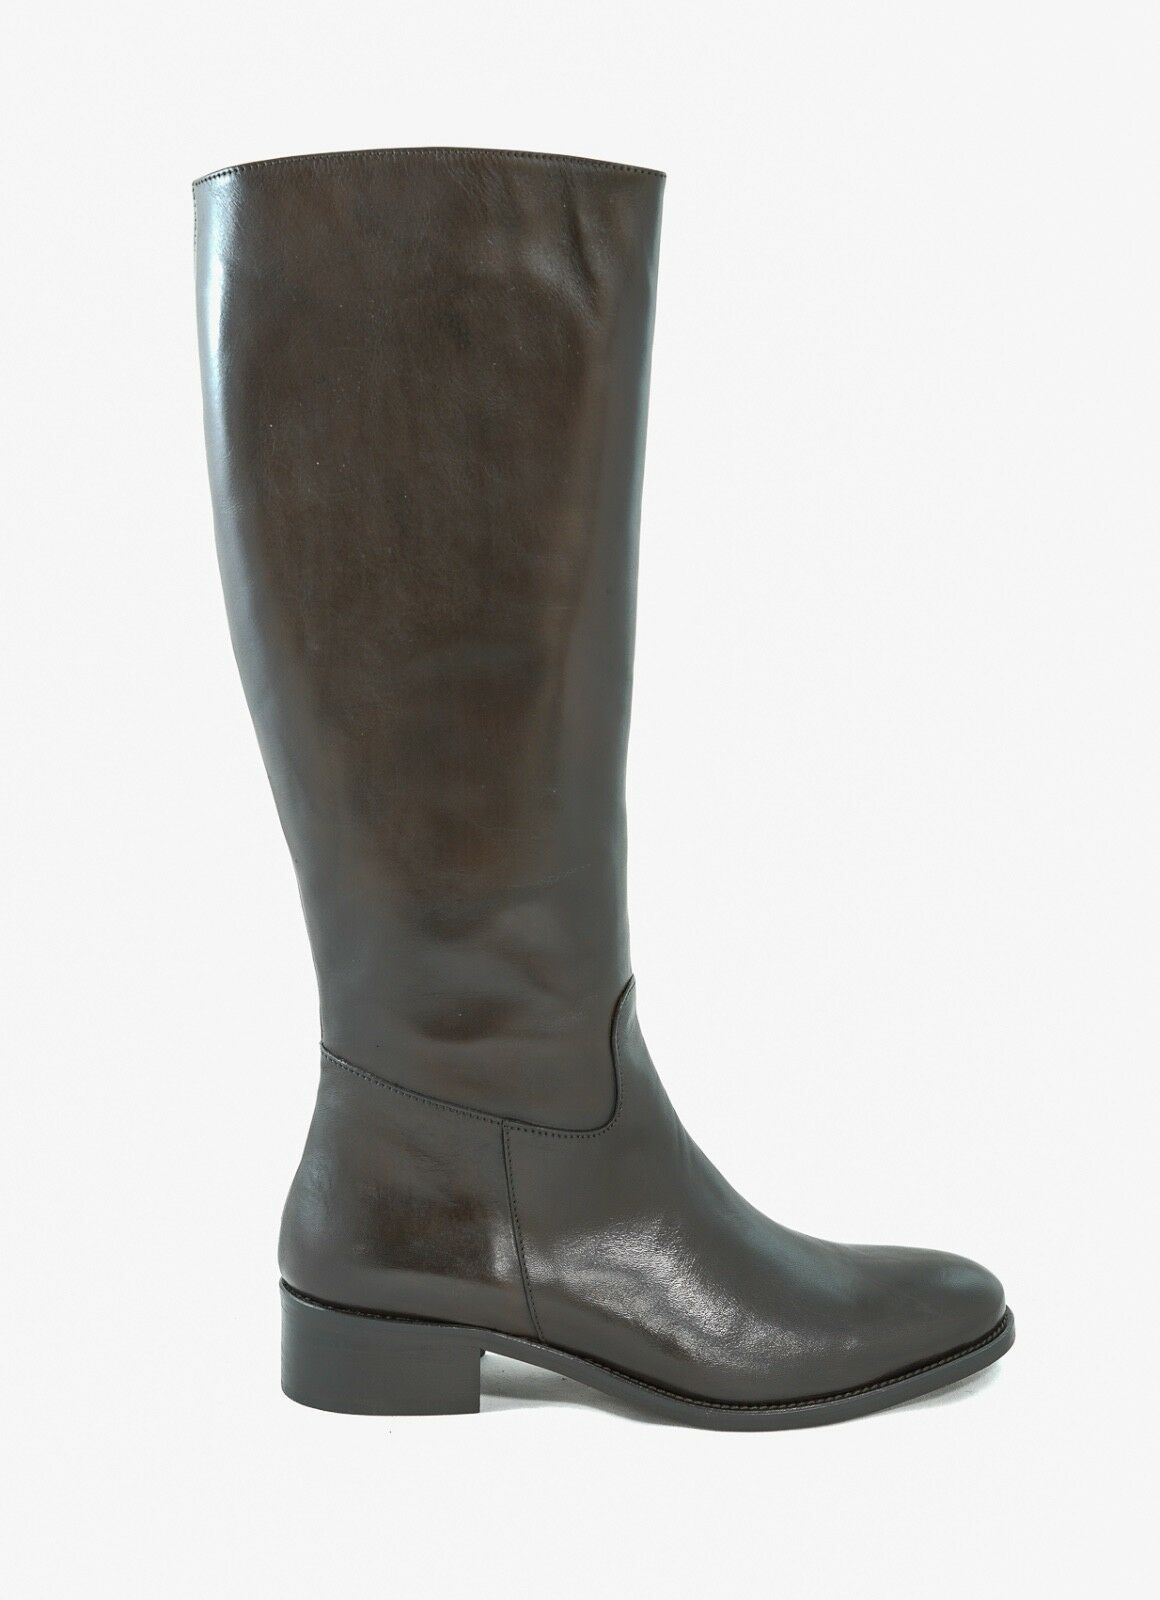 New In Box Bruno Magli Erregina Dark Brown Leather Boot